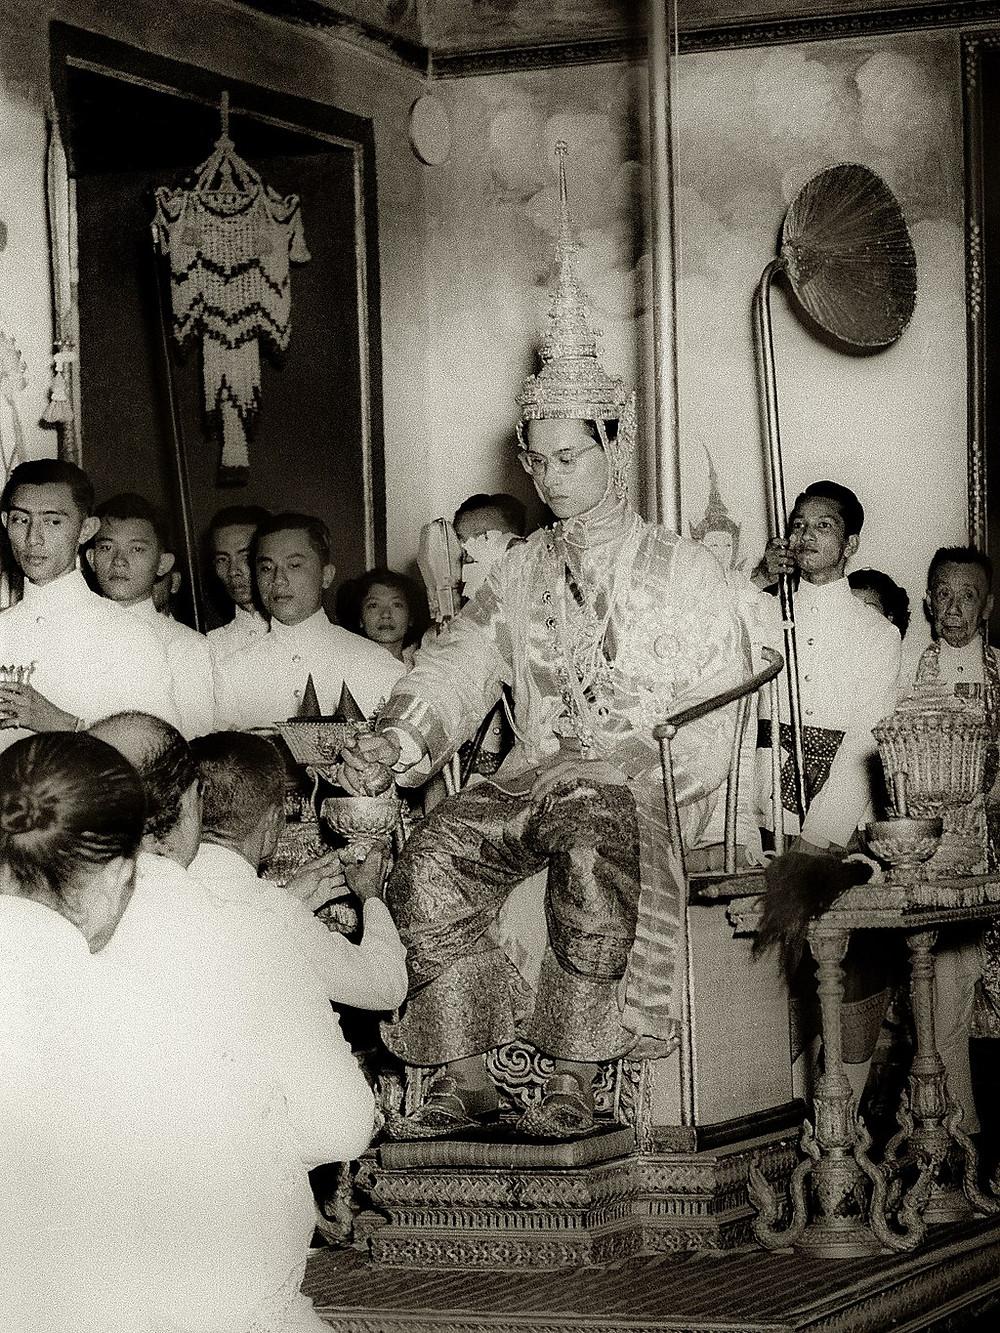 蒲美蓬·阿杜德加冕典禮(1950年於曼谷大皇宮)